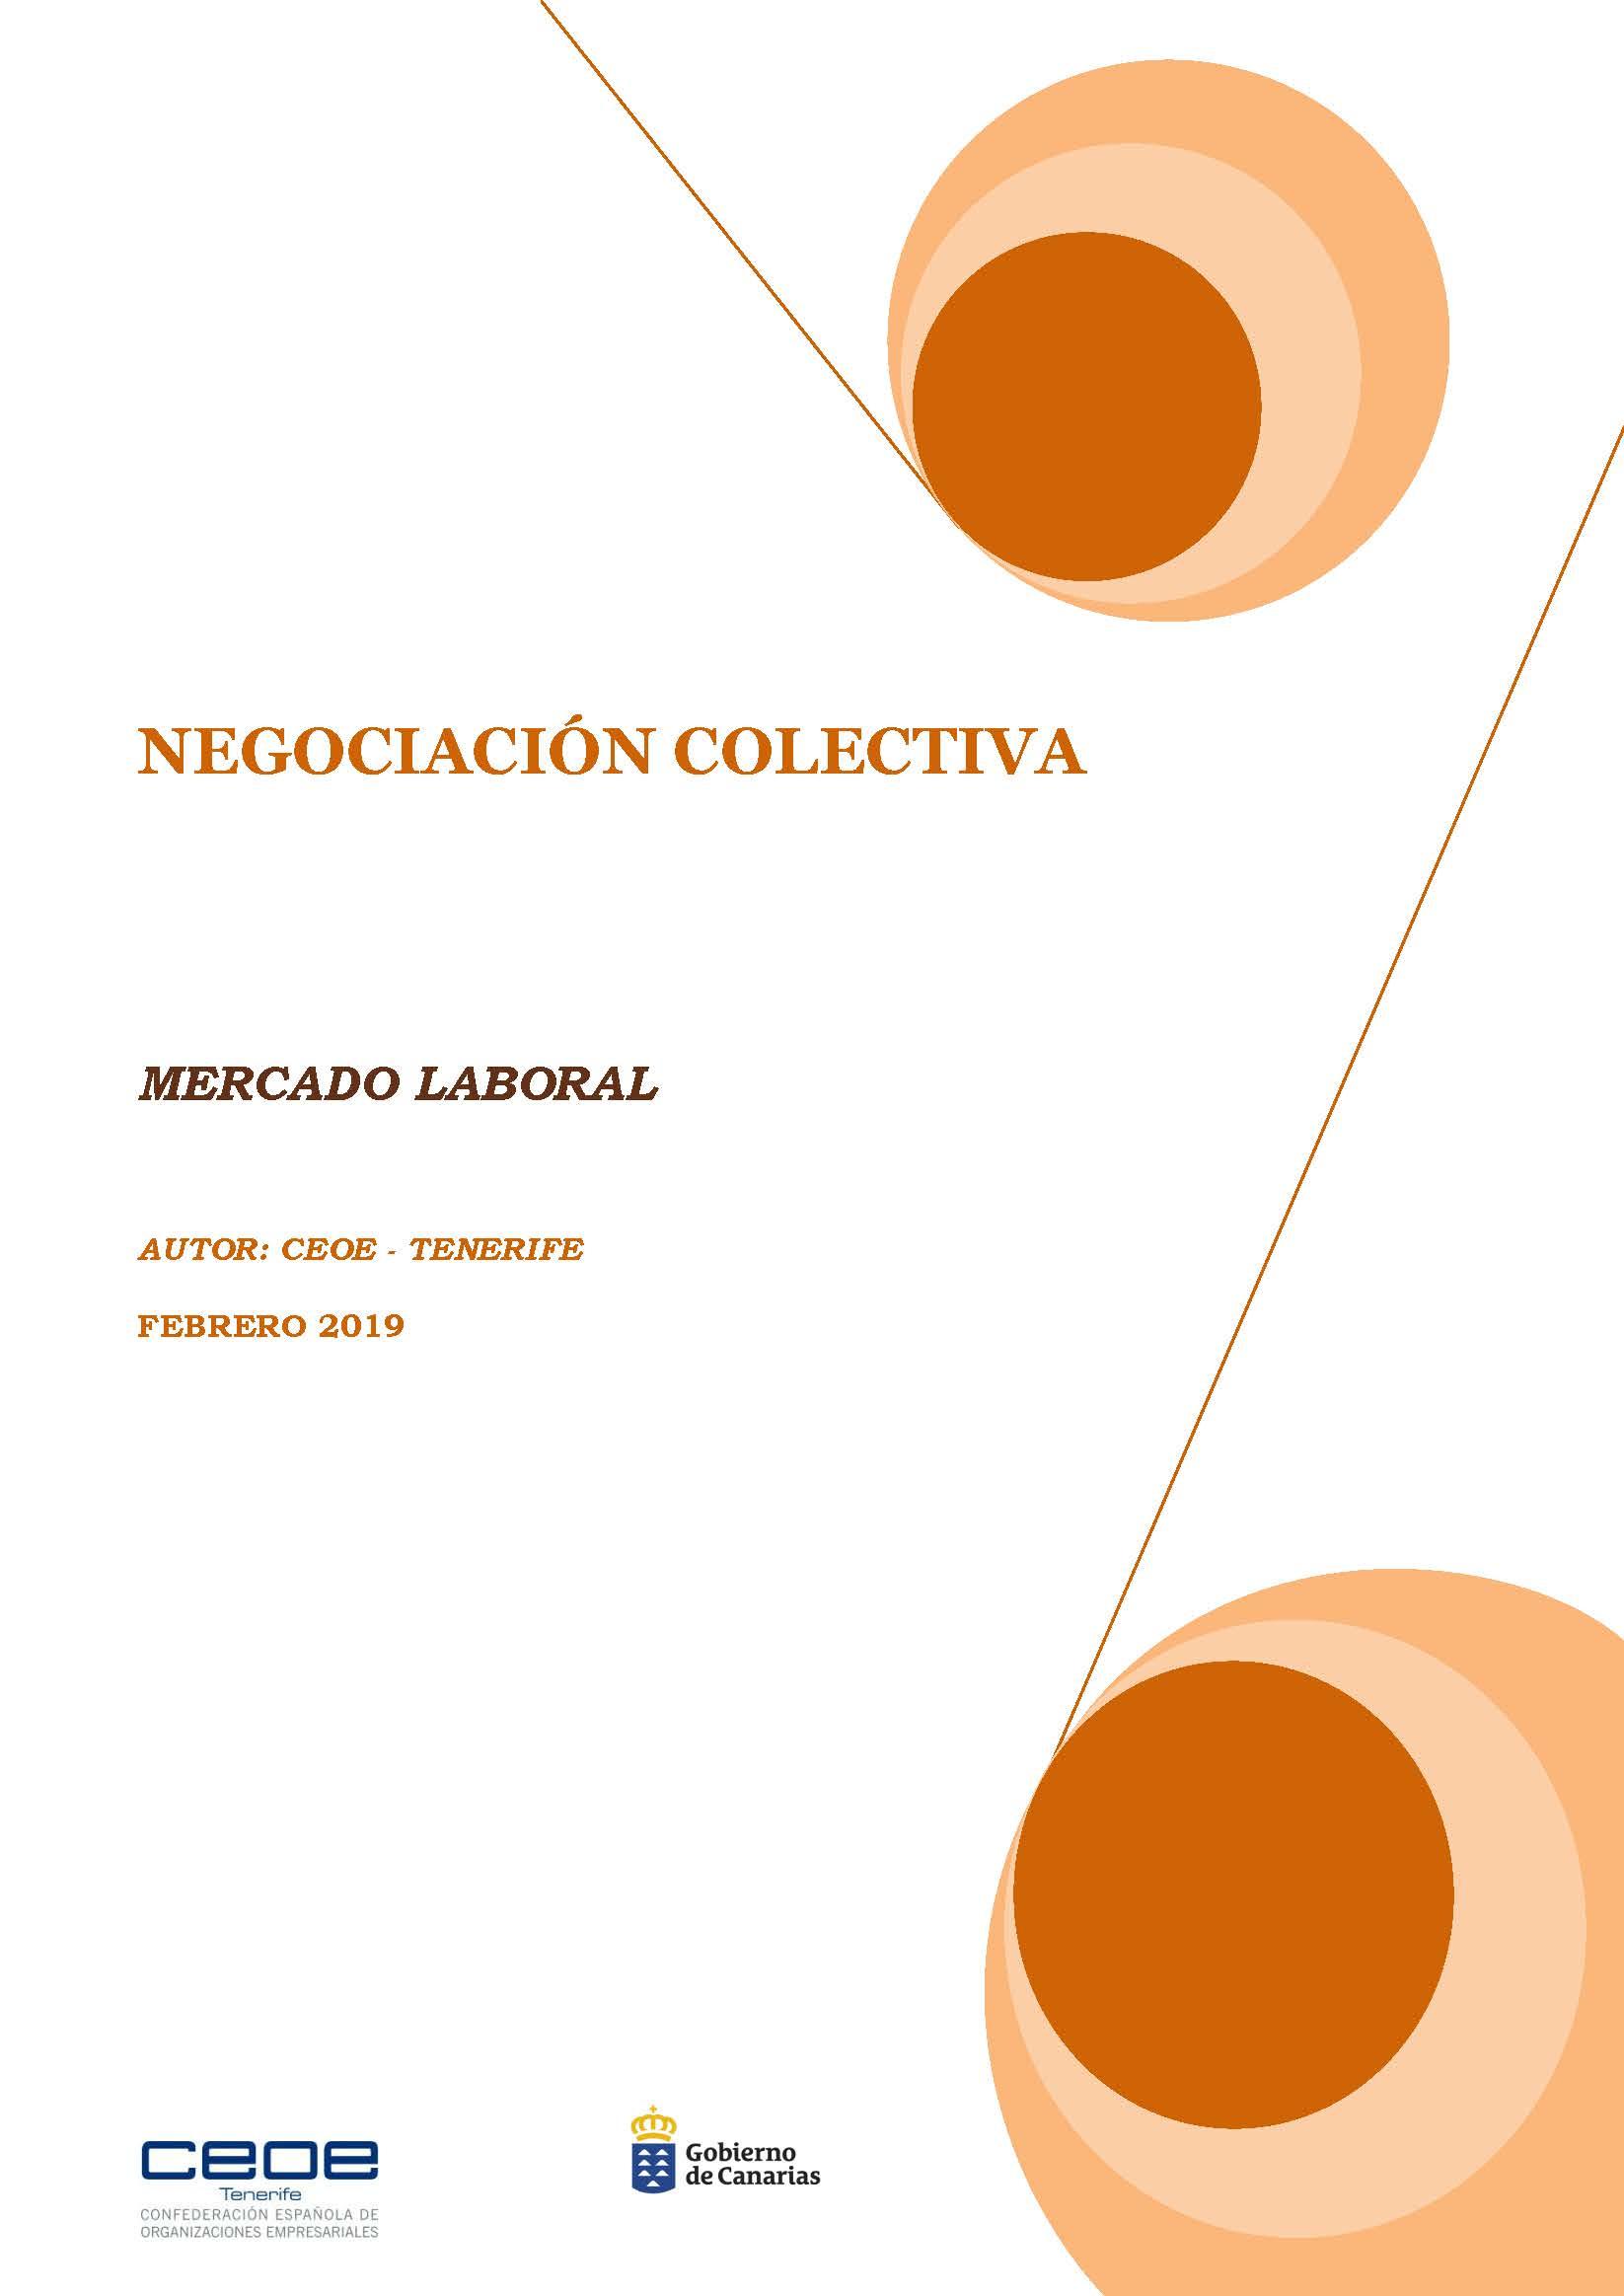 MERCADO LABORAL - NEGOCIACION COLECTIVA FEBRERO 2019